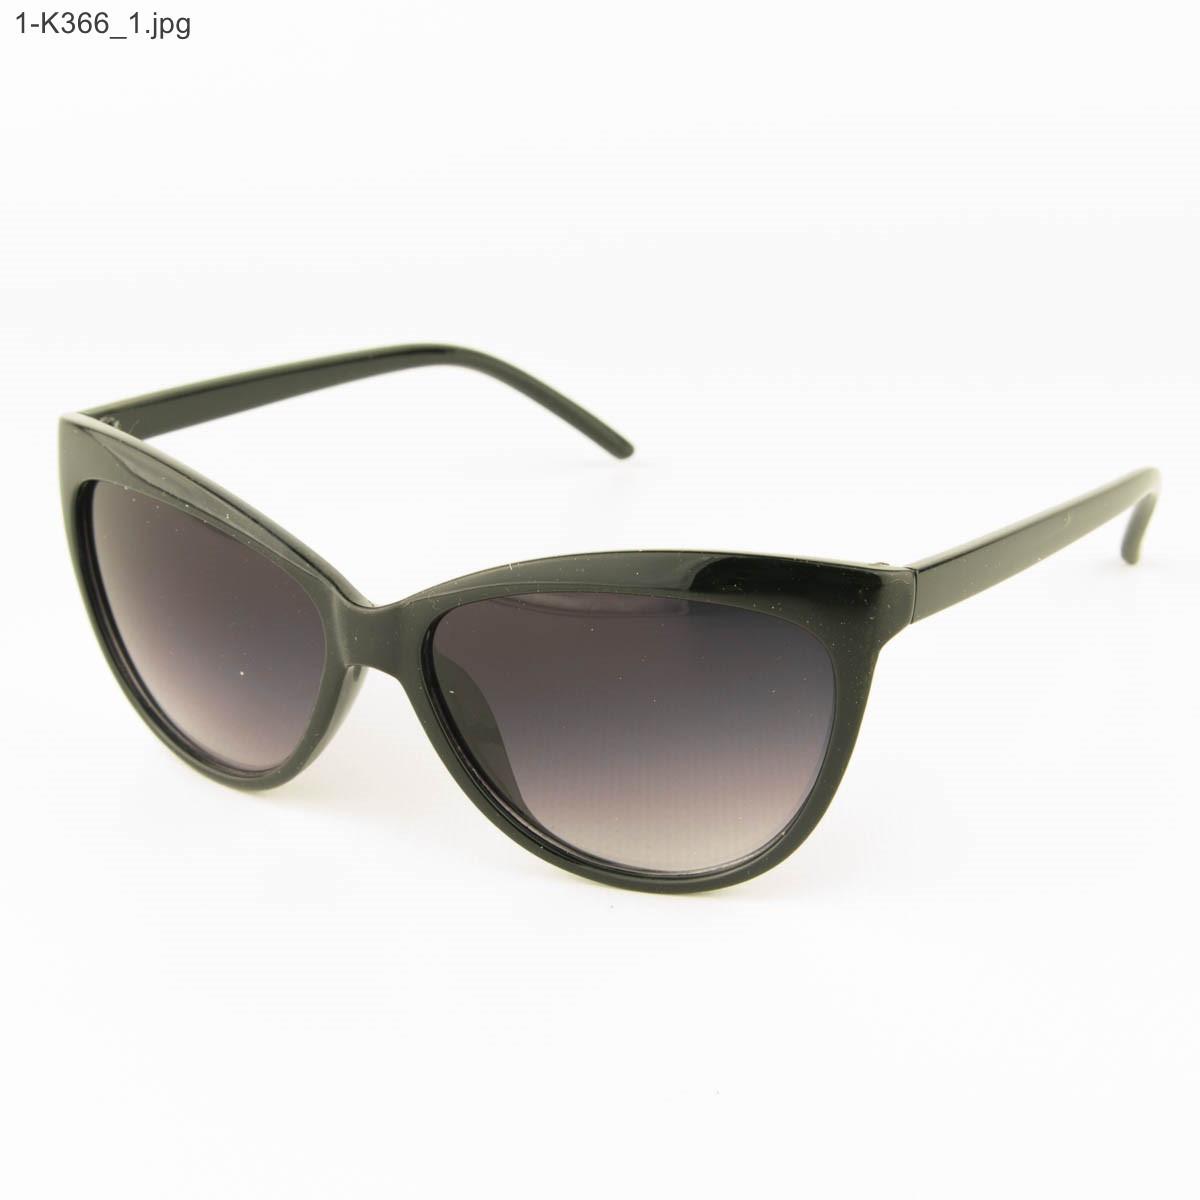 Оптом очки женские солнцезащитные -Черные - 1-К366